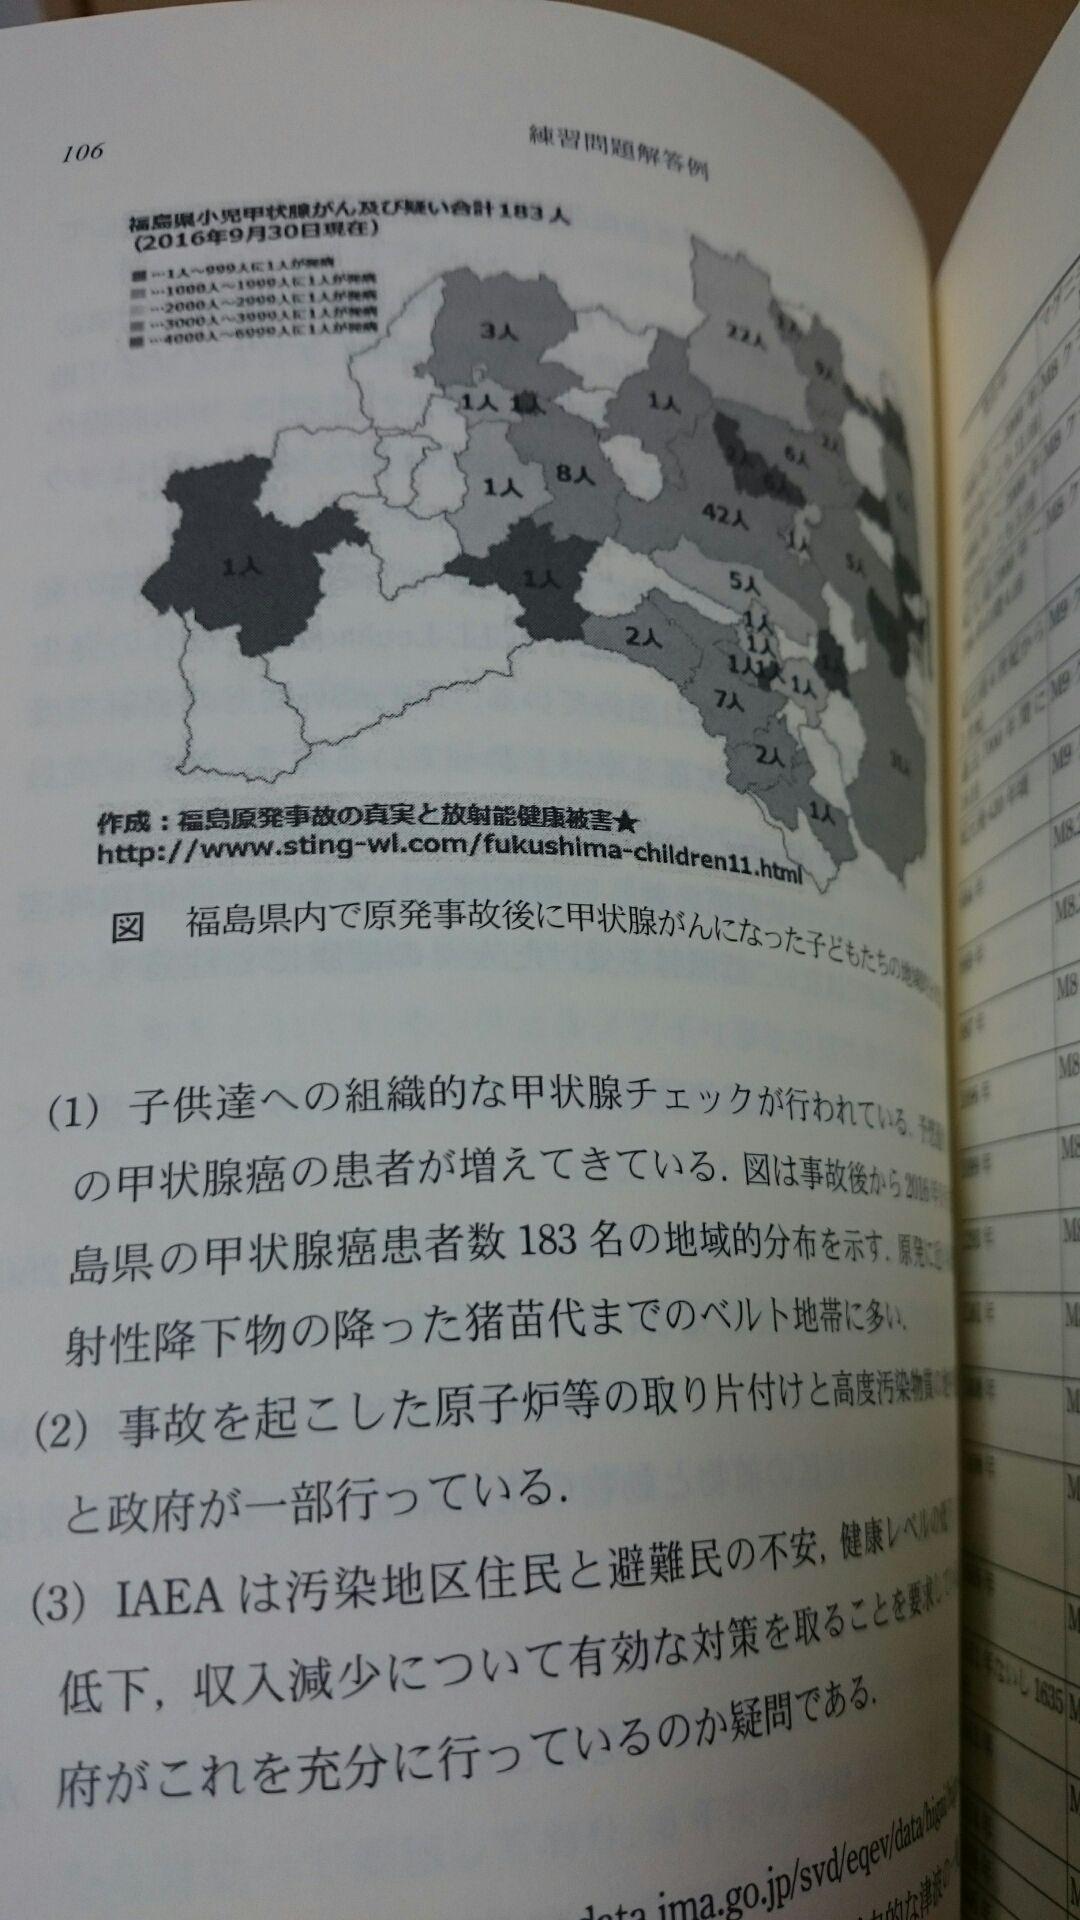 梶谷剛『工学倫理・技術者倫理』に掲載の福島子供の甲状腺がん地図